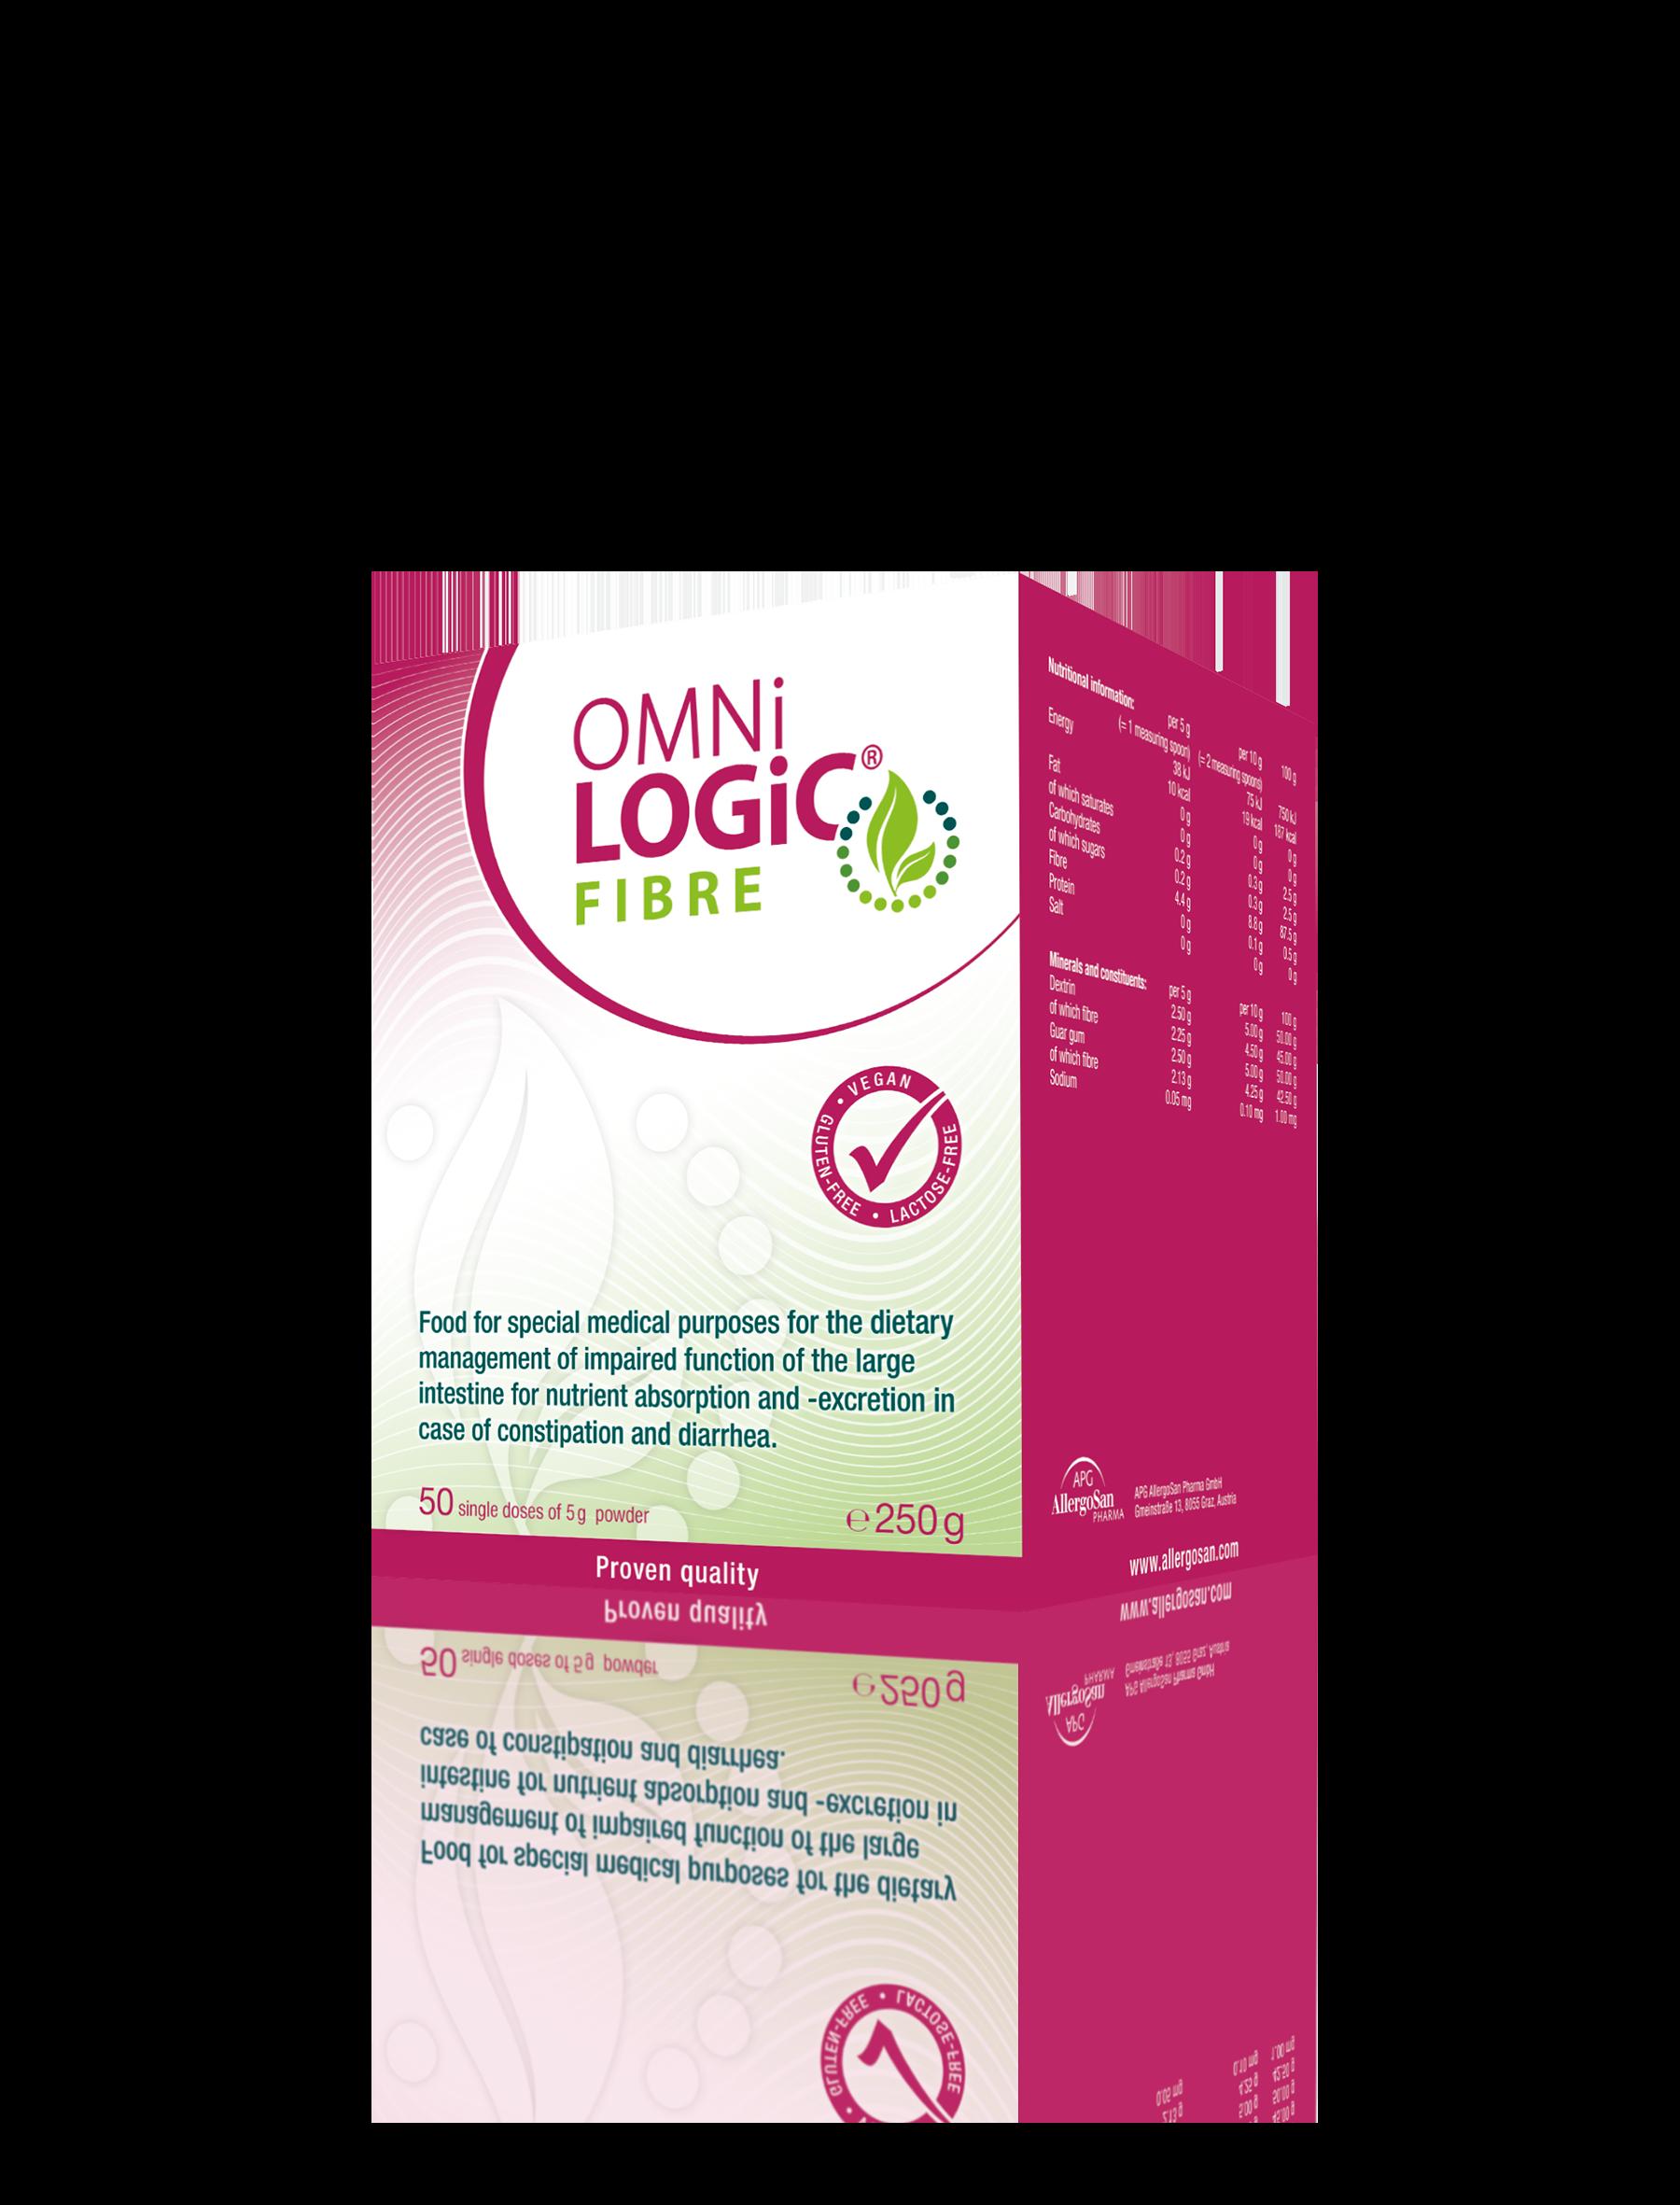 OMNi-LOGiC® FIBRE